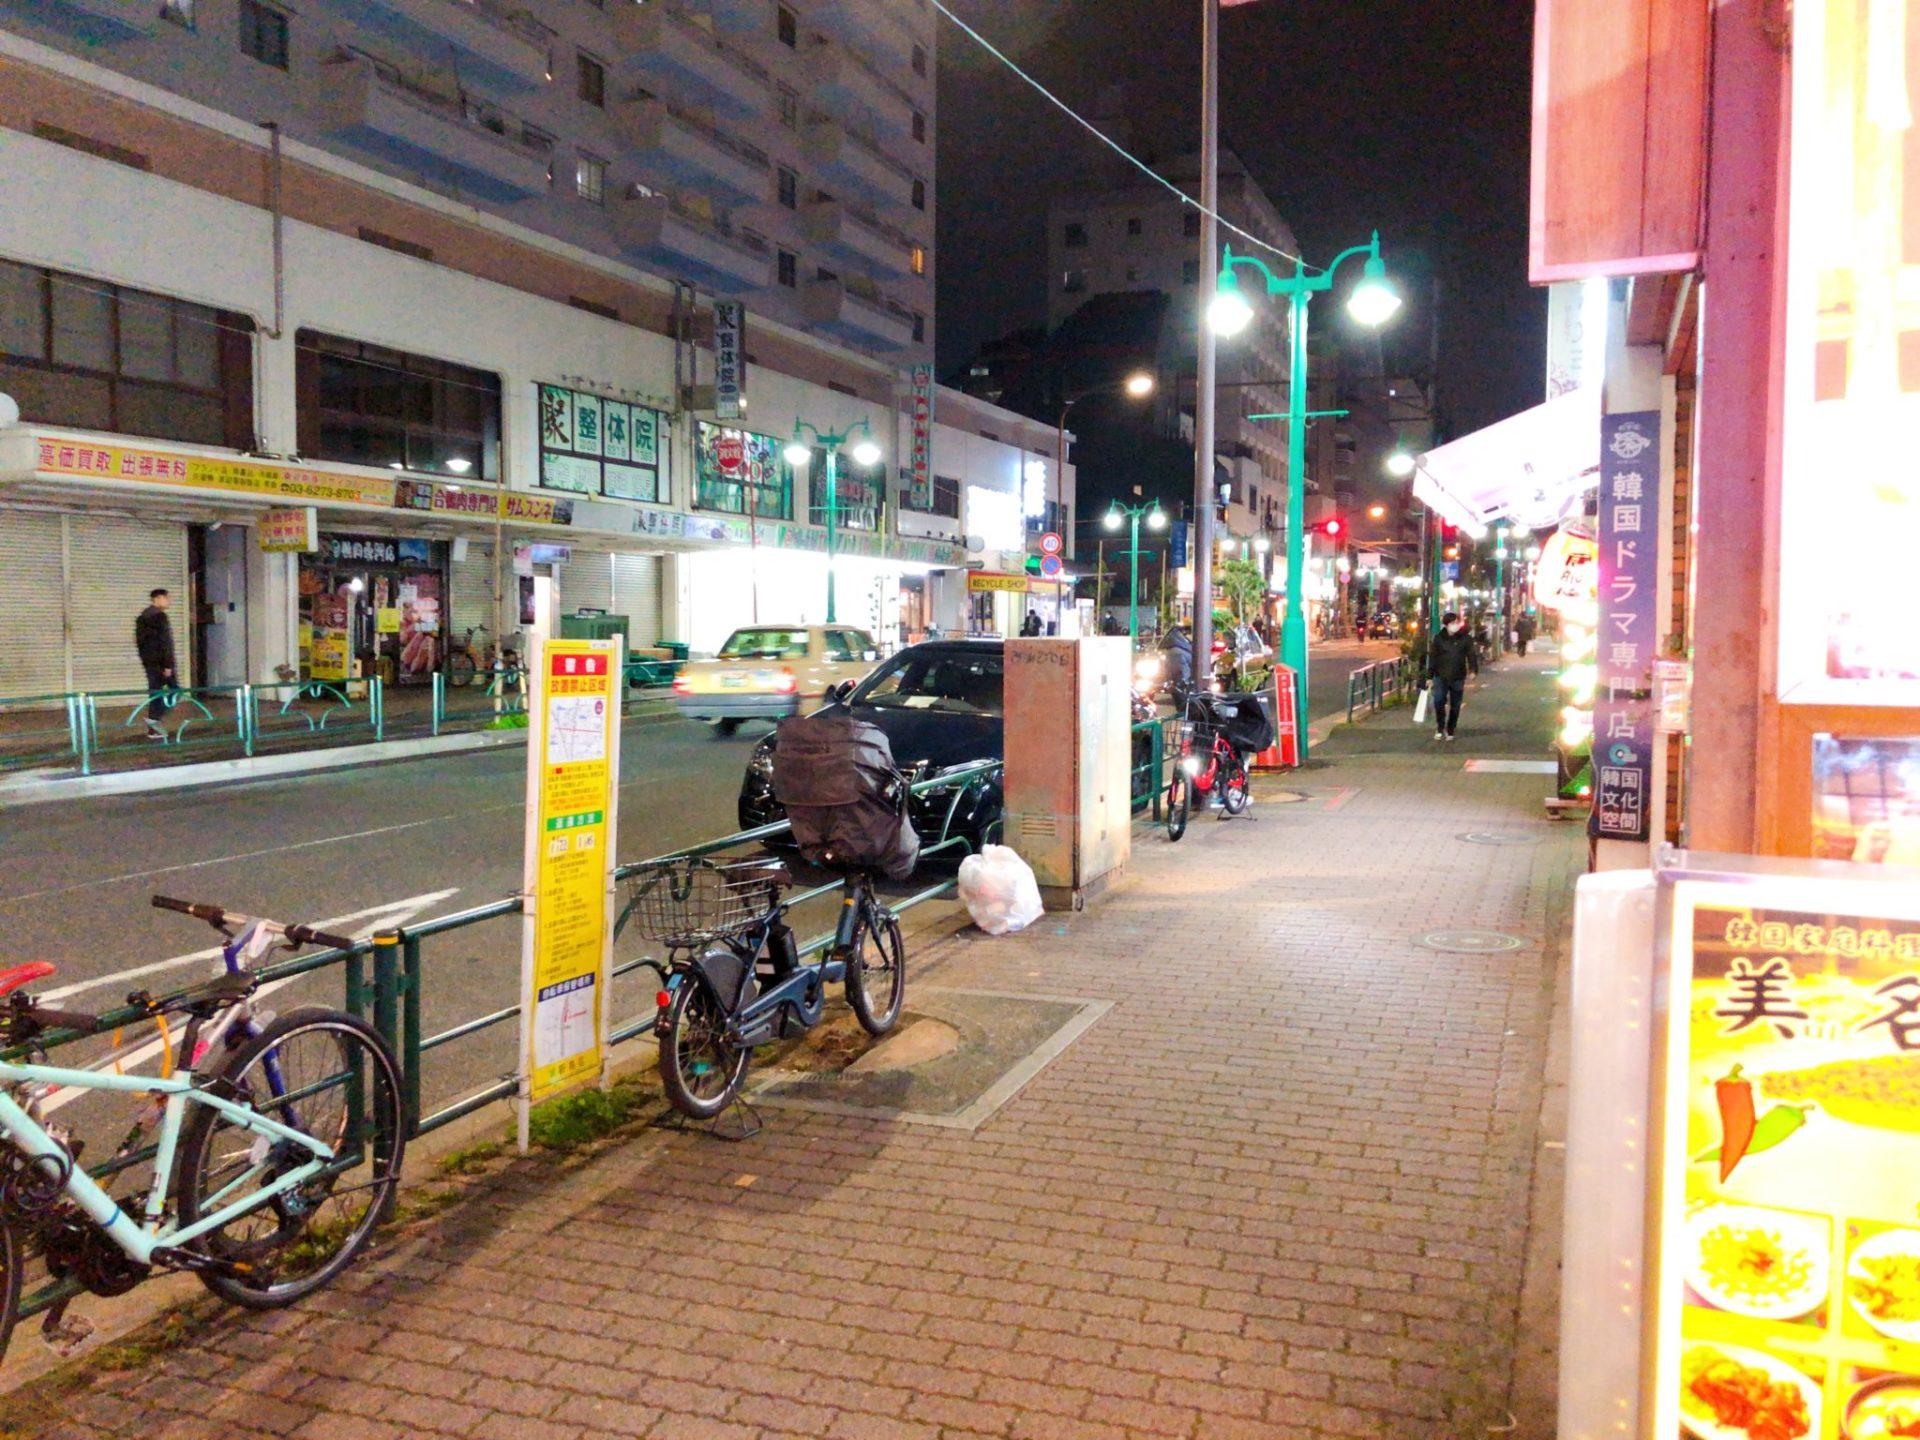 新大久保の韓国料理屋 美名家(ミナヤ)は大久保通り沿い